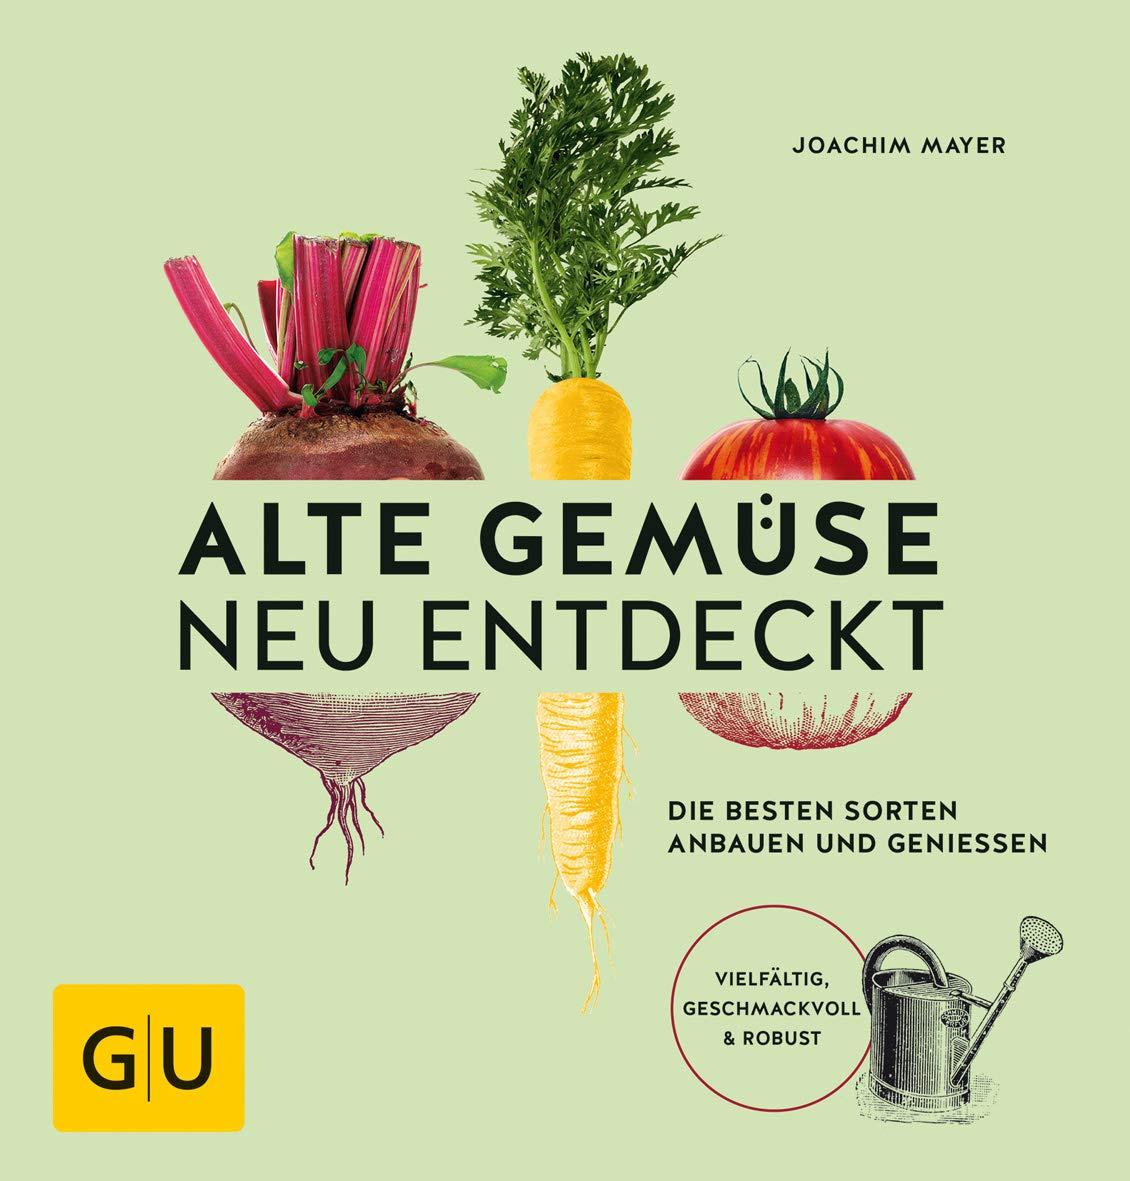 Alte Gemüse Neu Entdeckt  Die Besten Sorten Anbauen Und Genießen. Vielfältig Geschmackvoll And Robust  GU Garten Extra